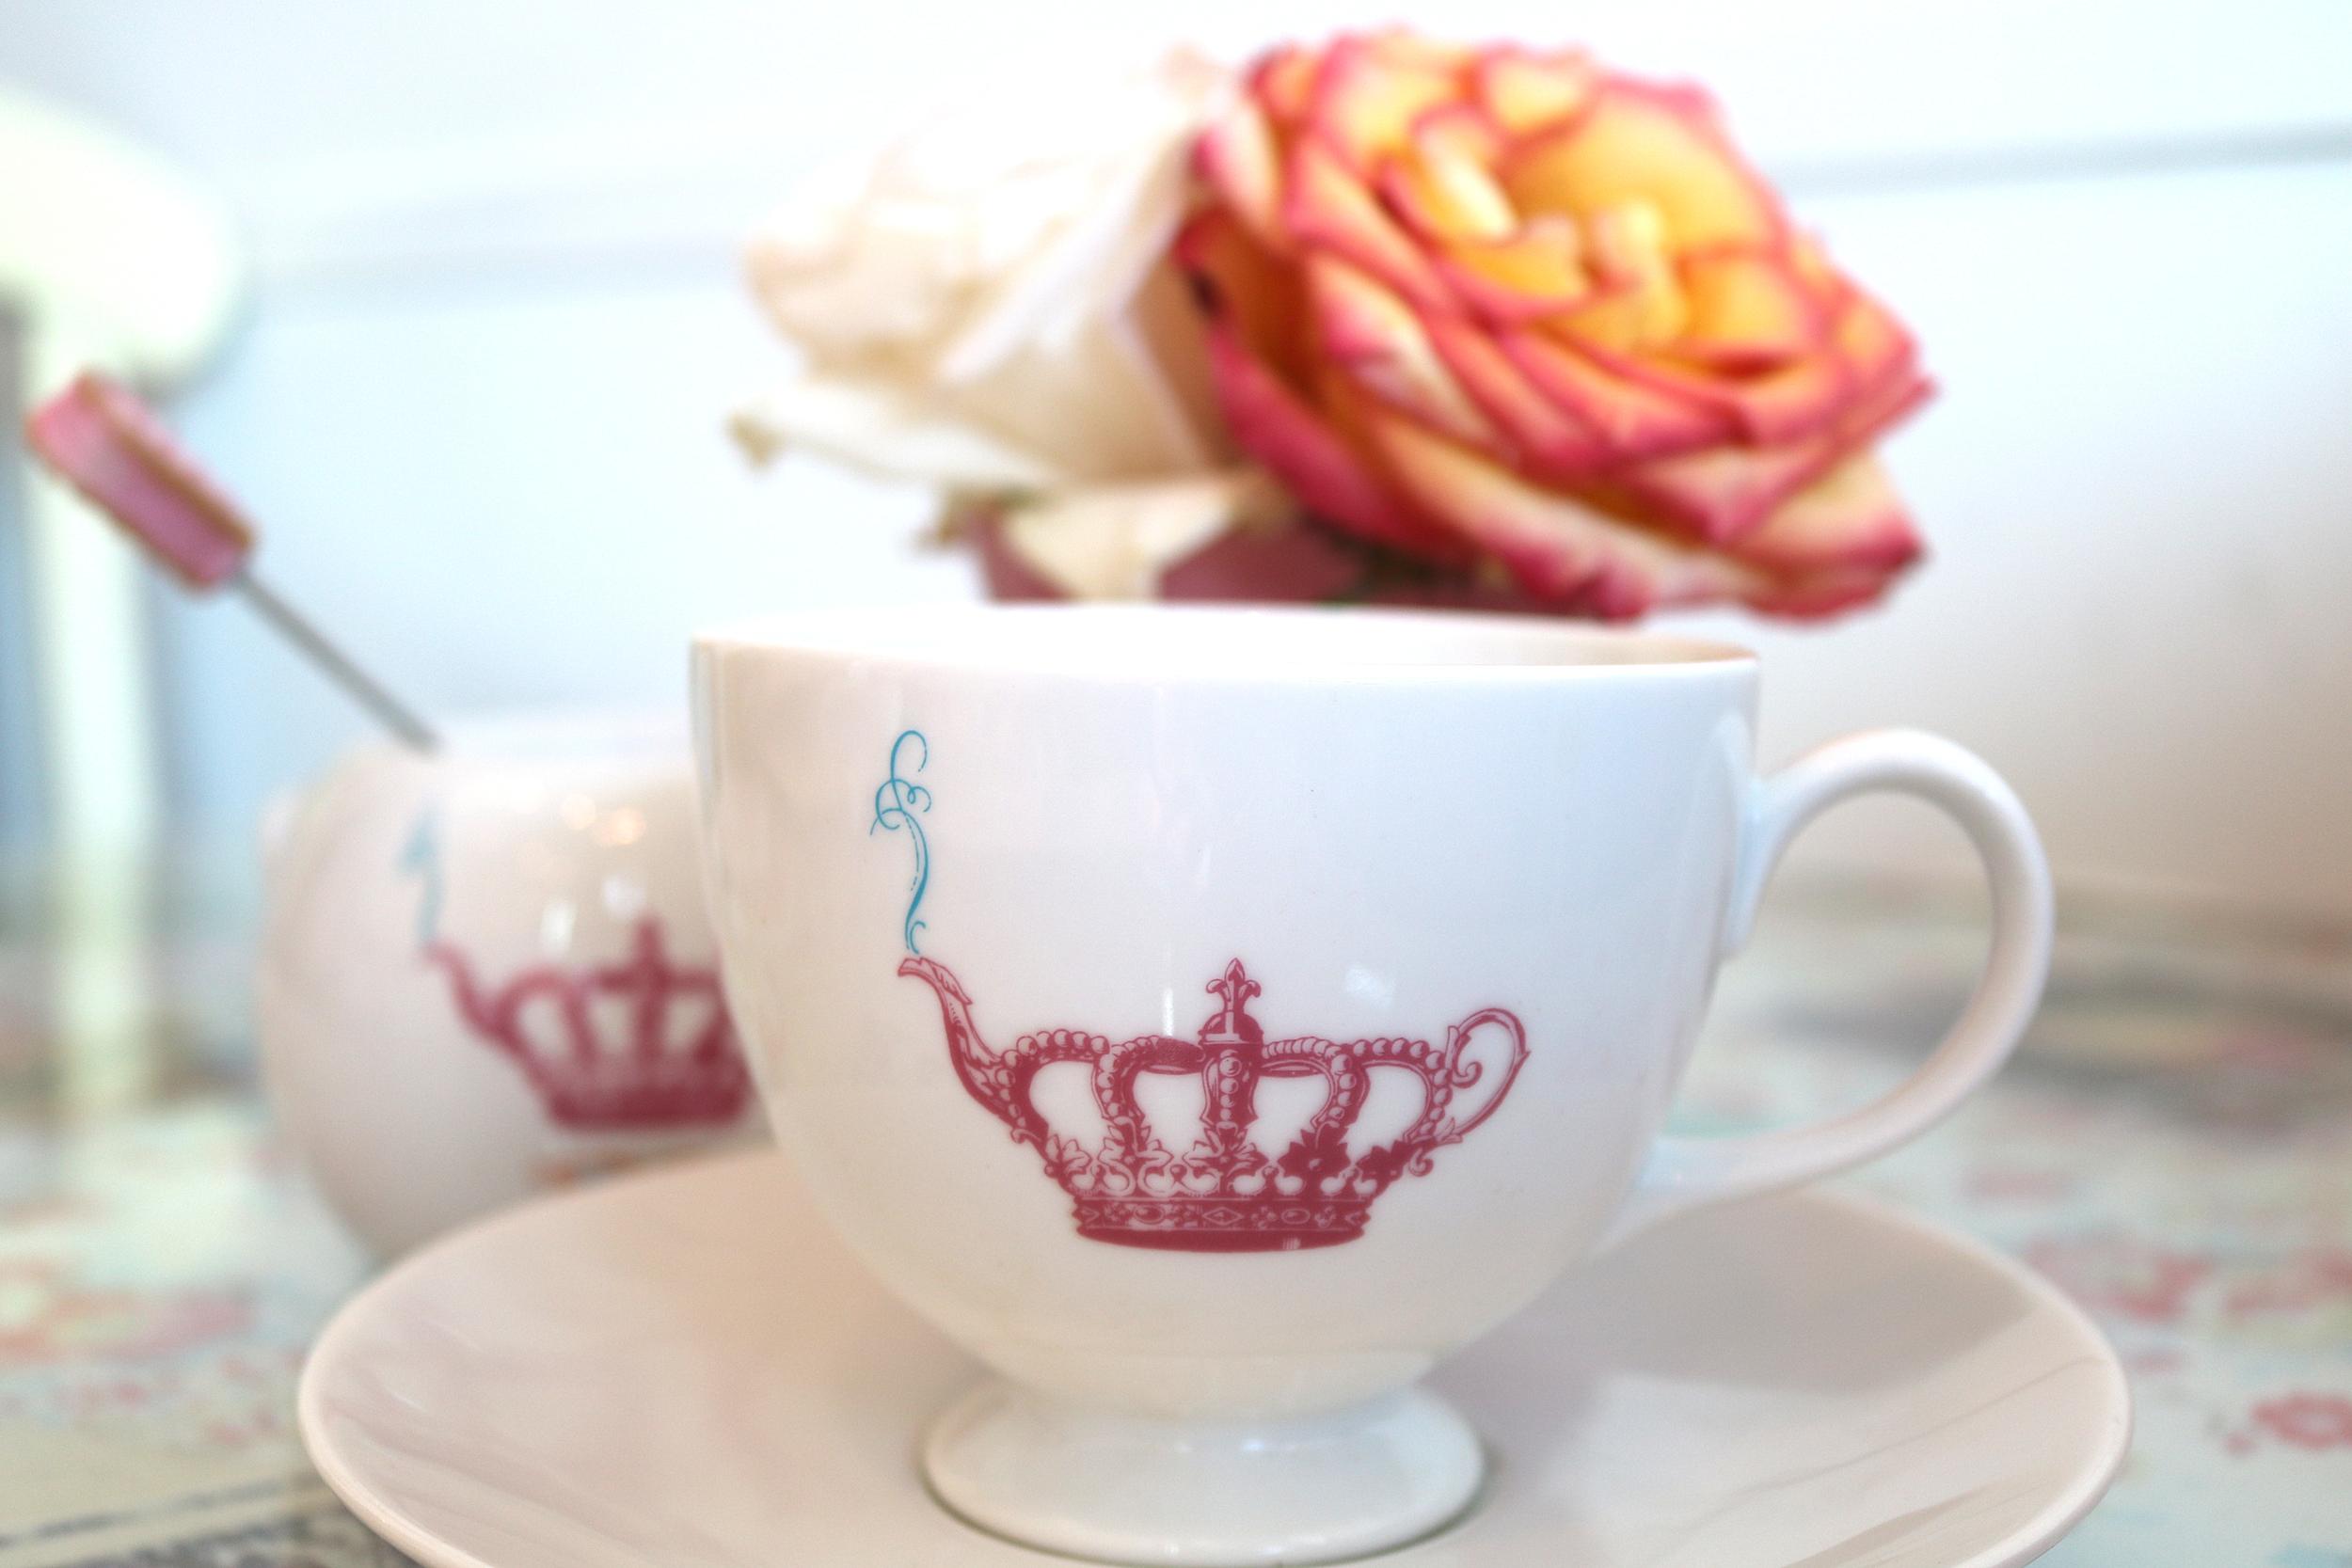 crown-and-crumpet-sf-tea-shop.jpg